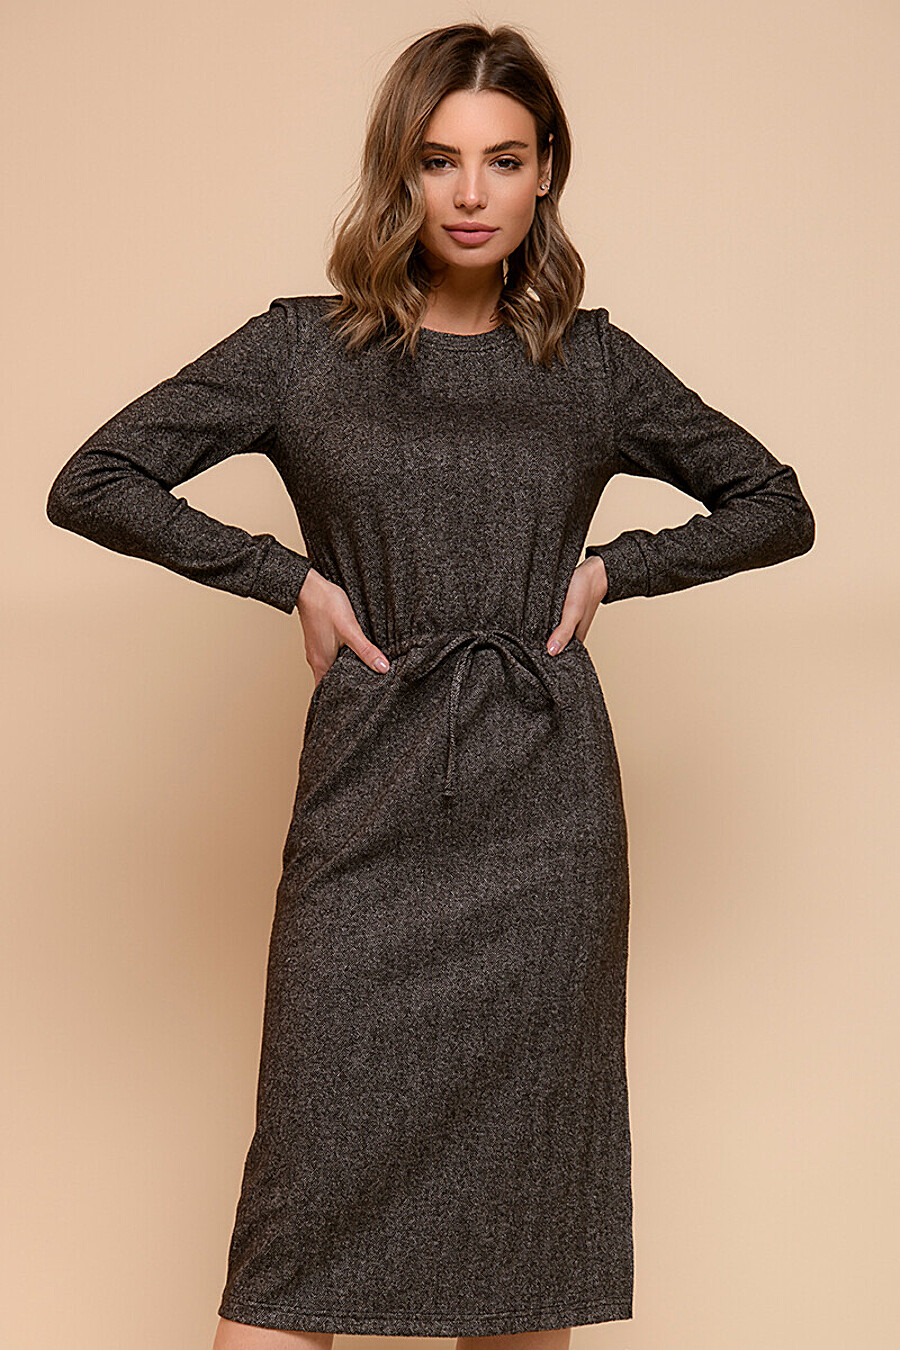 Платье для женщин 1001 DRESS 334724 купить оптом от производителя. Совместная покупка женской одежды в OptMoyo